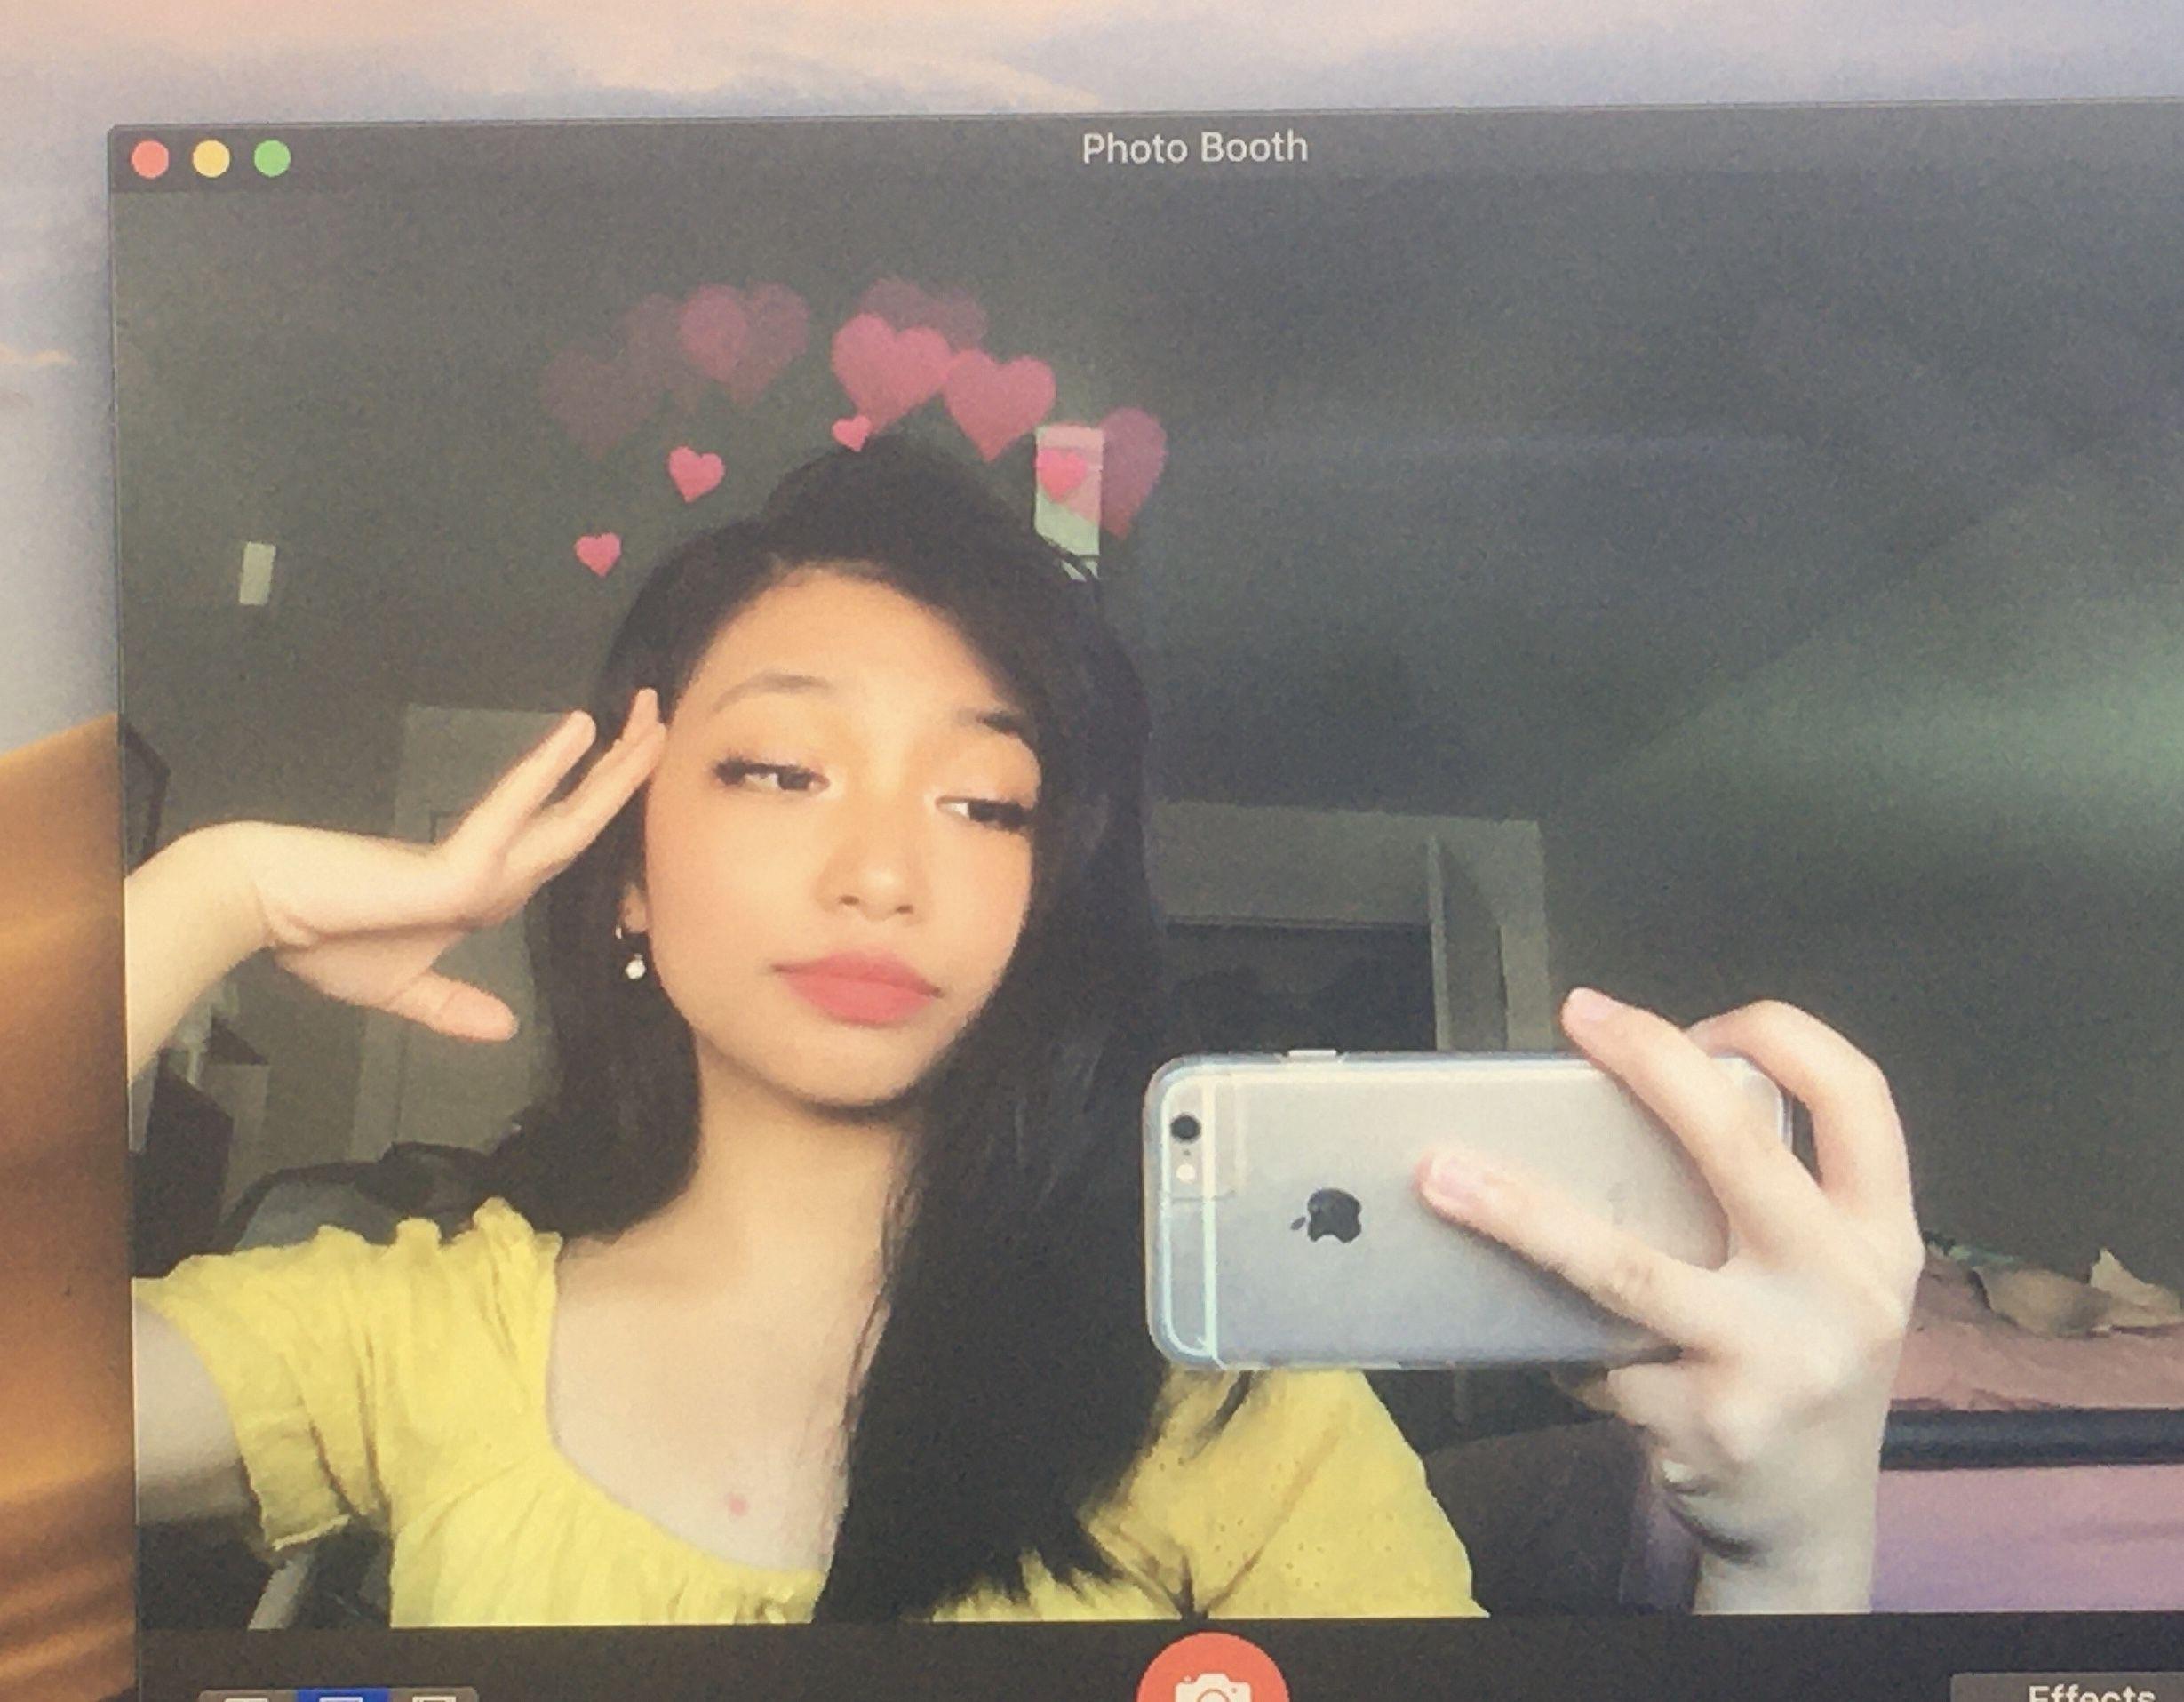 To Andrea Mxe In 2020 Macbook Photobooth Pictures Macbook Wallpaper